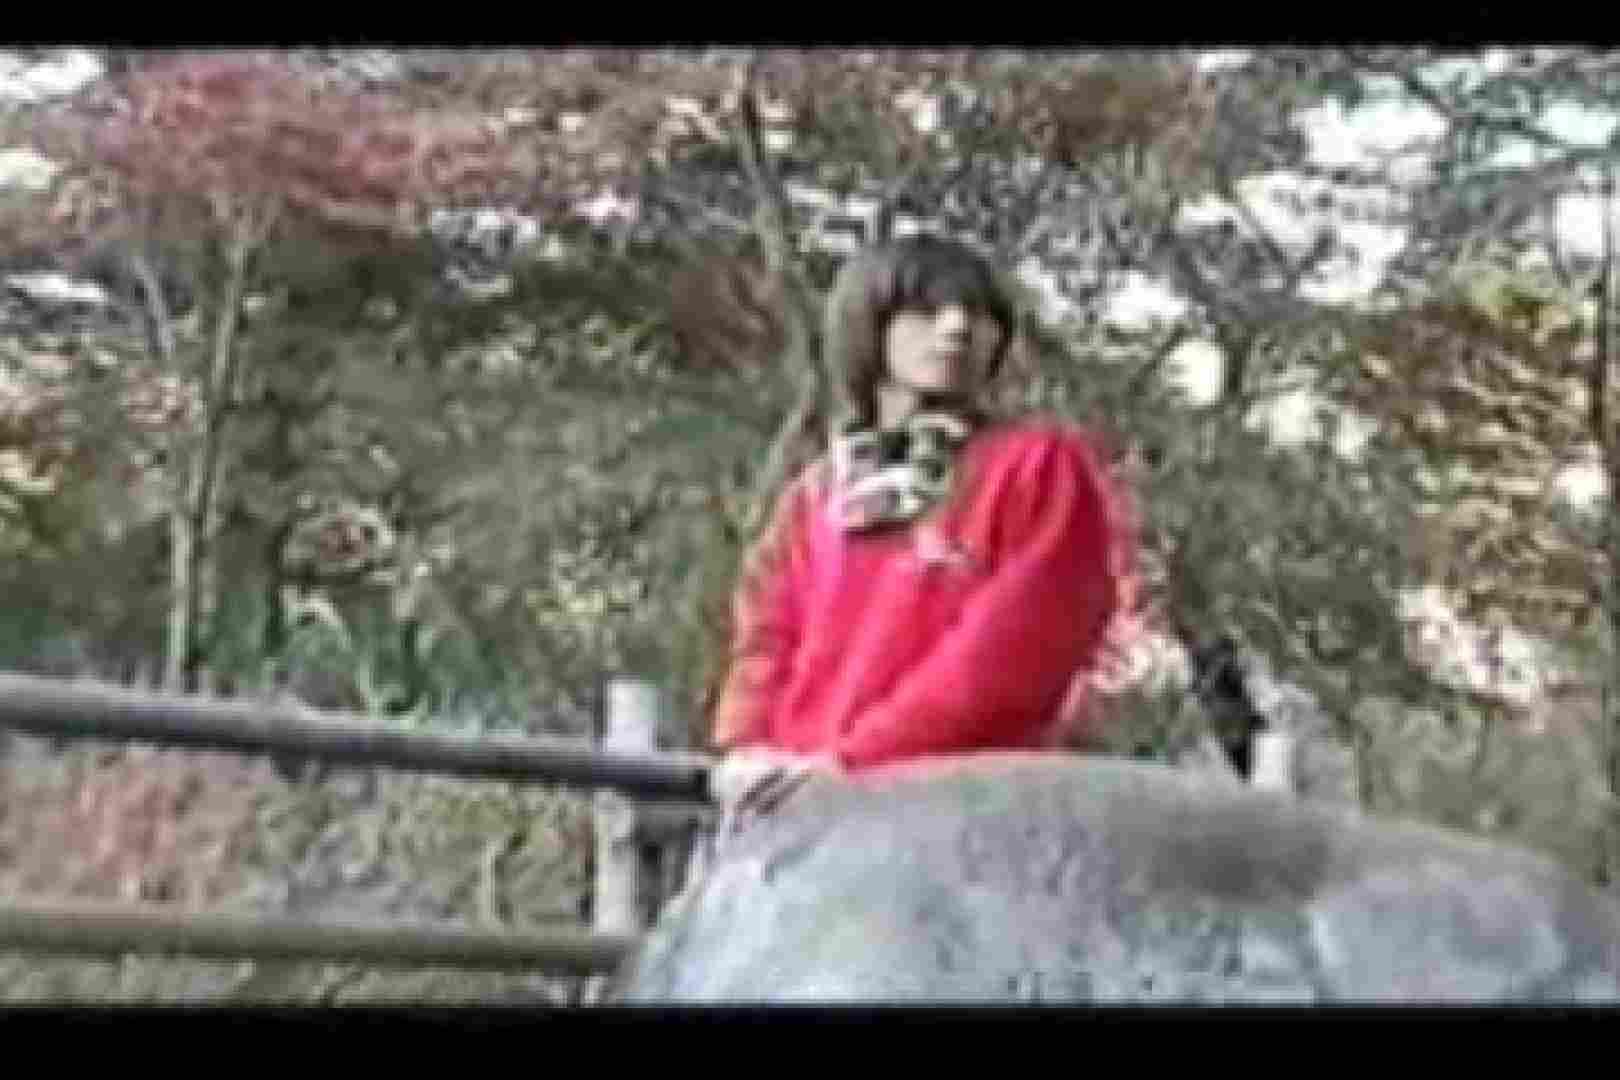 オールドゲイシリーズ  美少年ひかるのオープンファック 無修正 ゲイAV画像 46pic 16